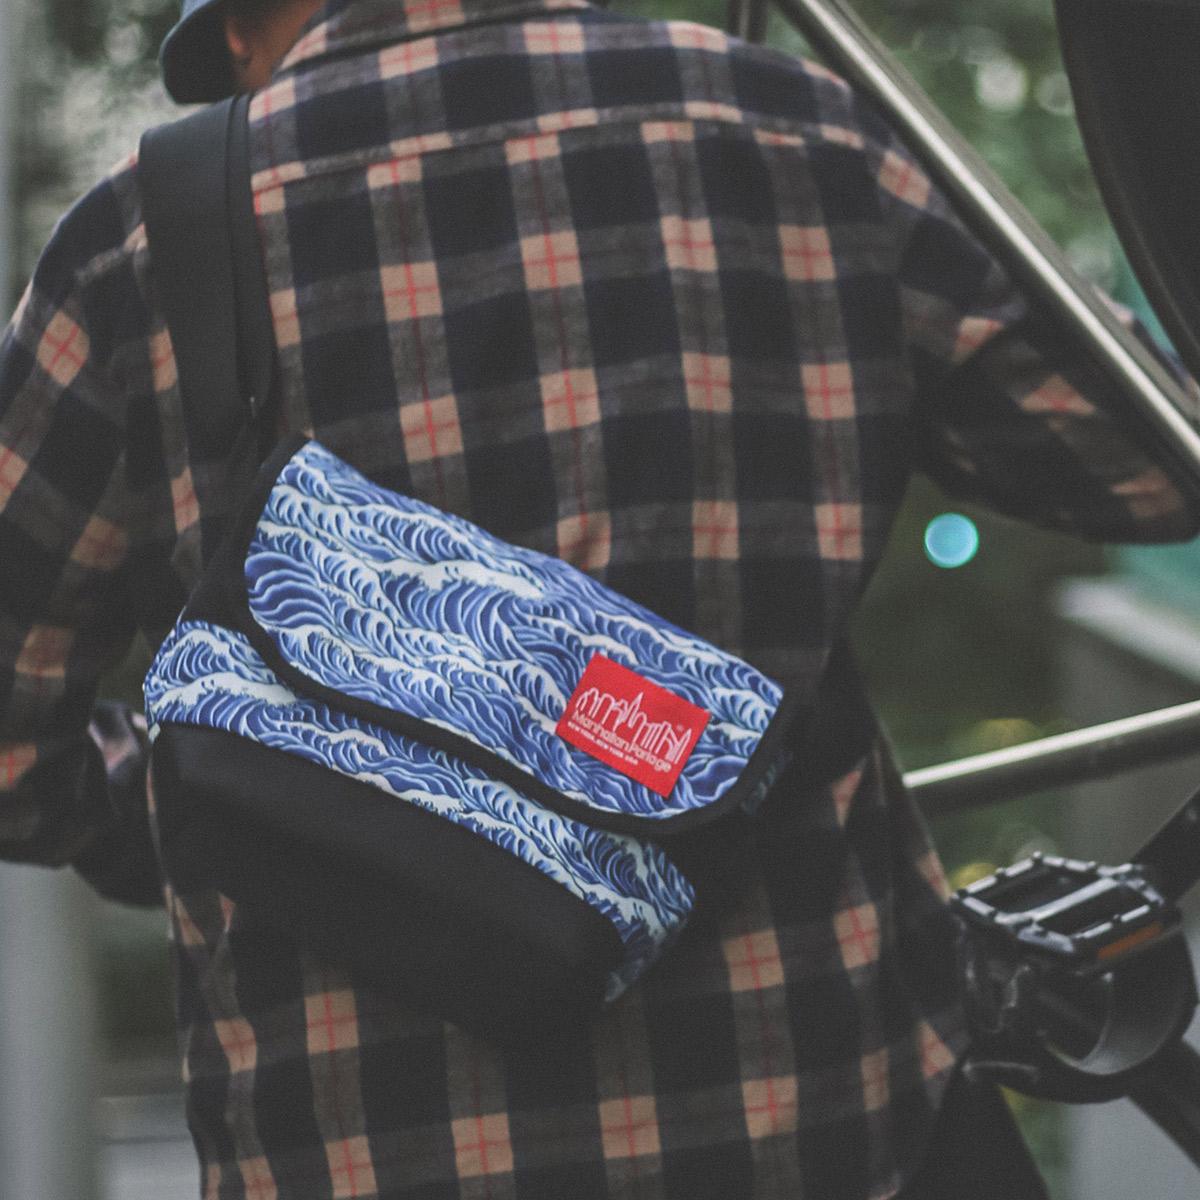 ATMOS LAB Manhattan Portage x T.T.T. x ATMOS LAB Messenger Bag (マンハッタンポーテージ スリータイズタトゥー アトモスラボ メッセンジャーバッグ) (BLACK)18FA-I